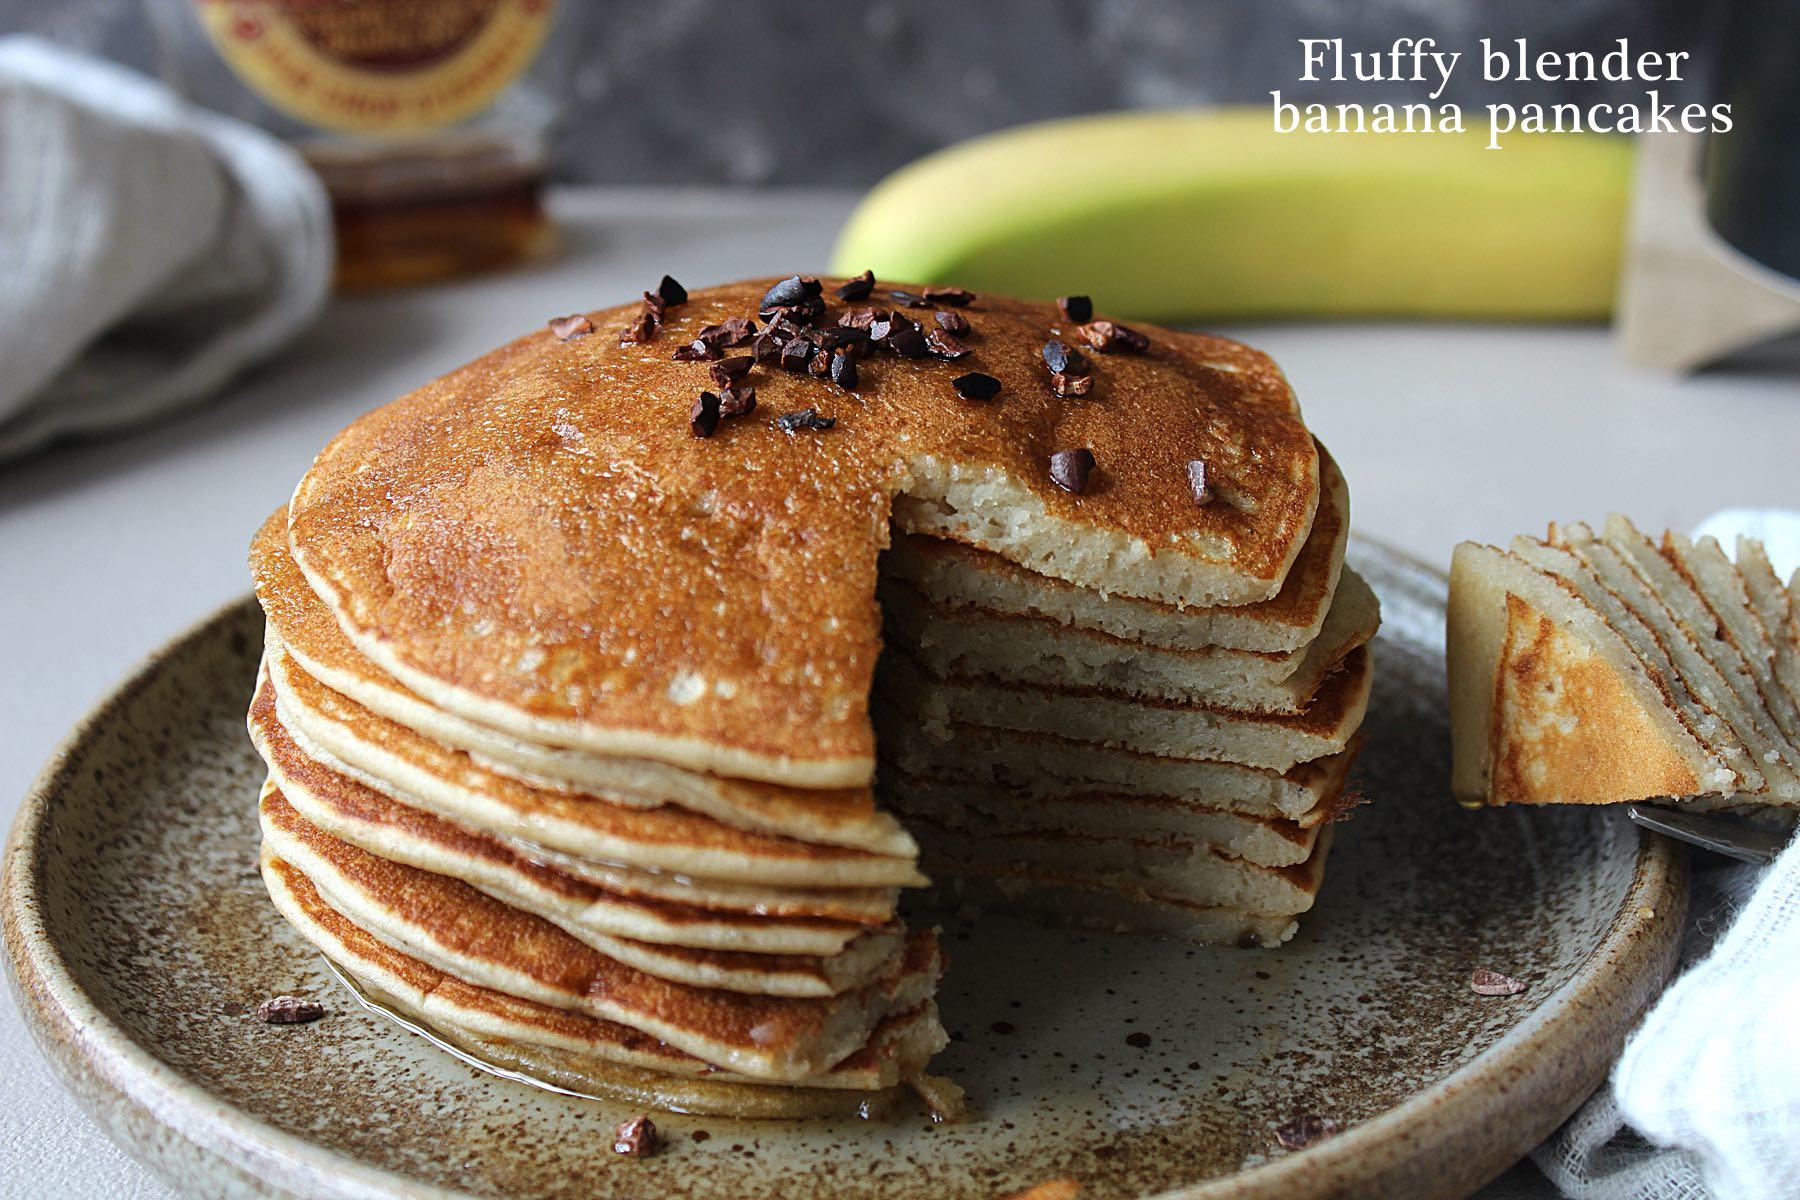 Fluffy blender banana pancakes